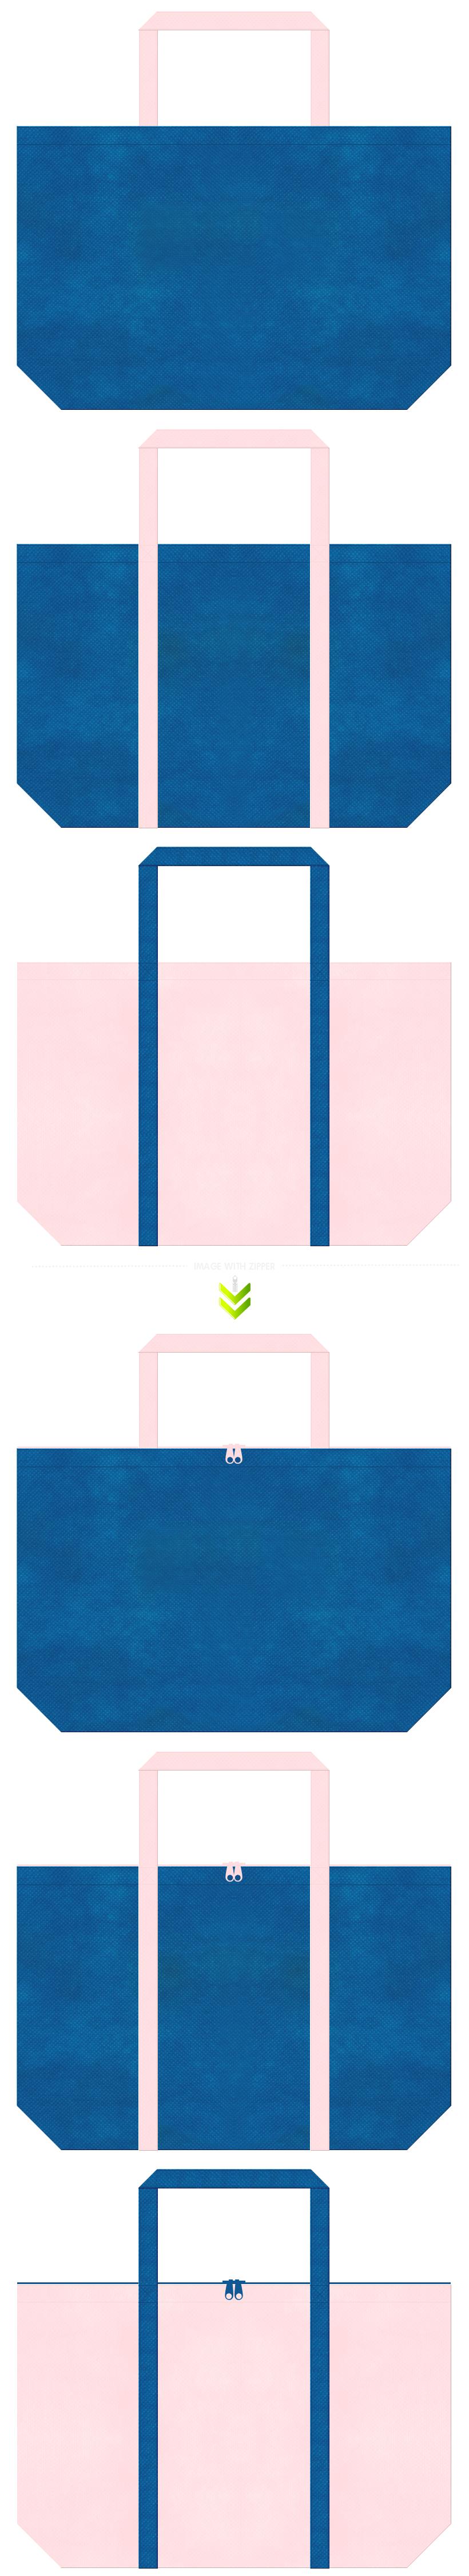 青色と桜色の不織布ショッピングバッグのデザイン